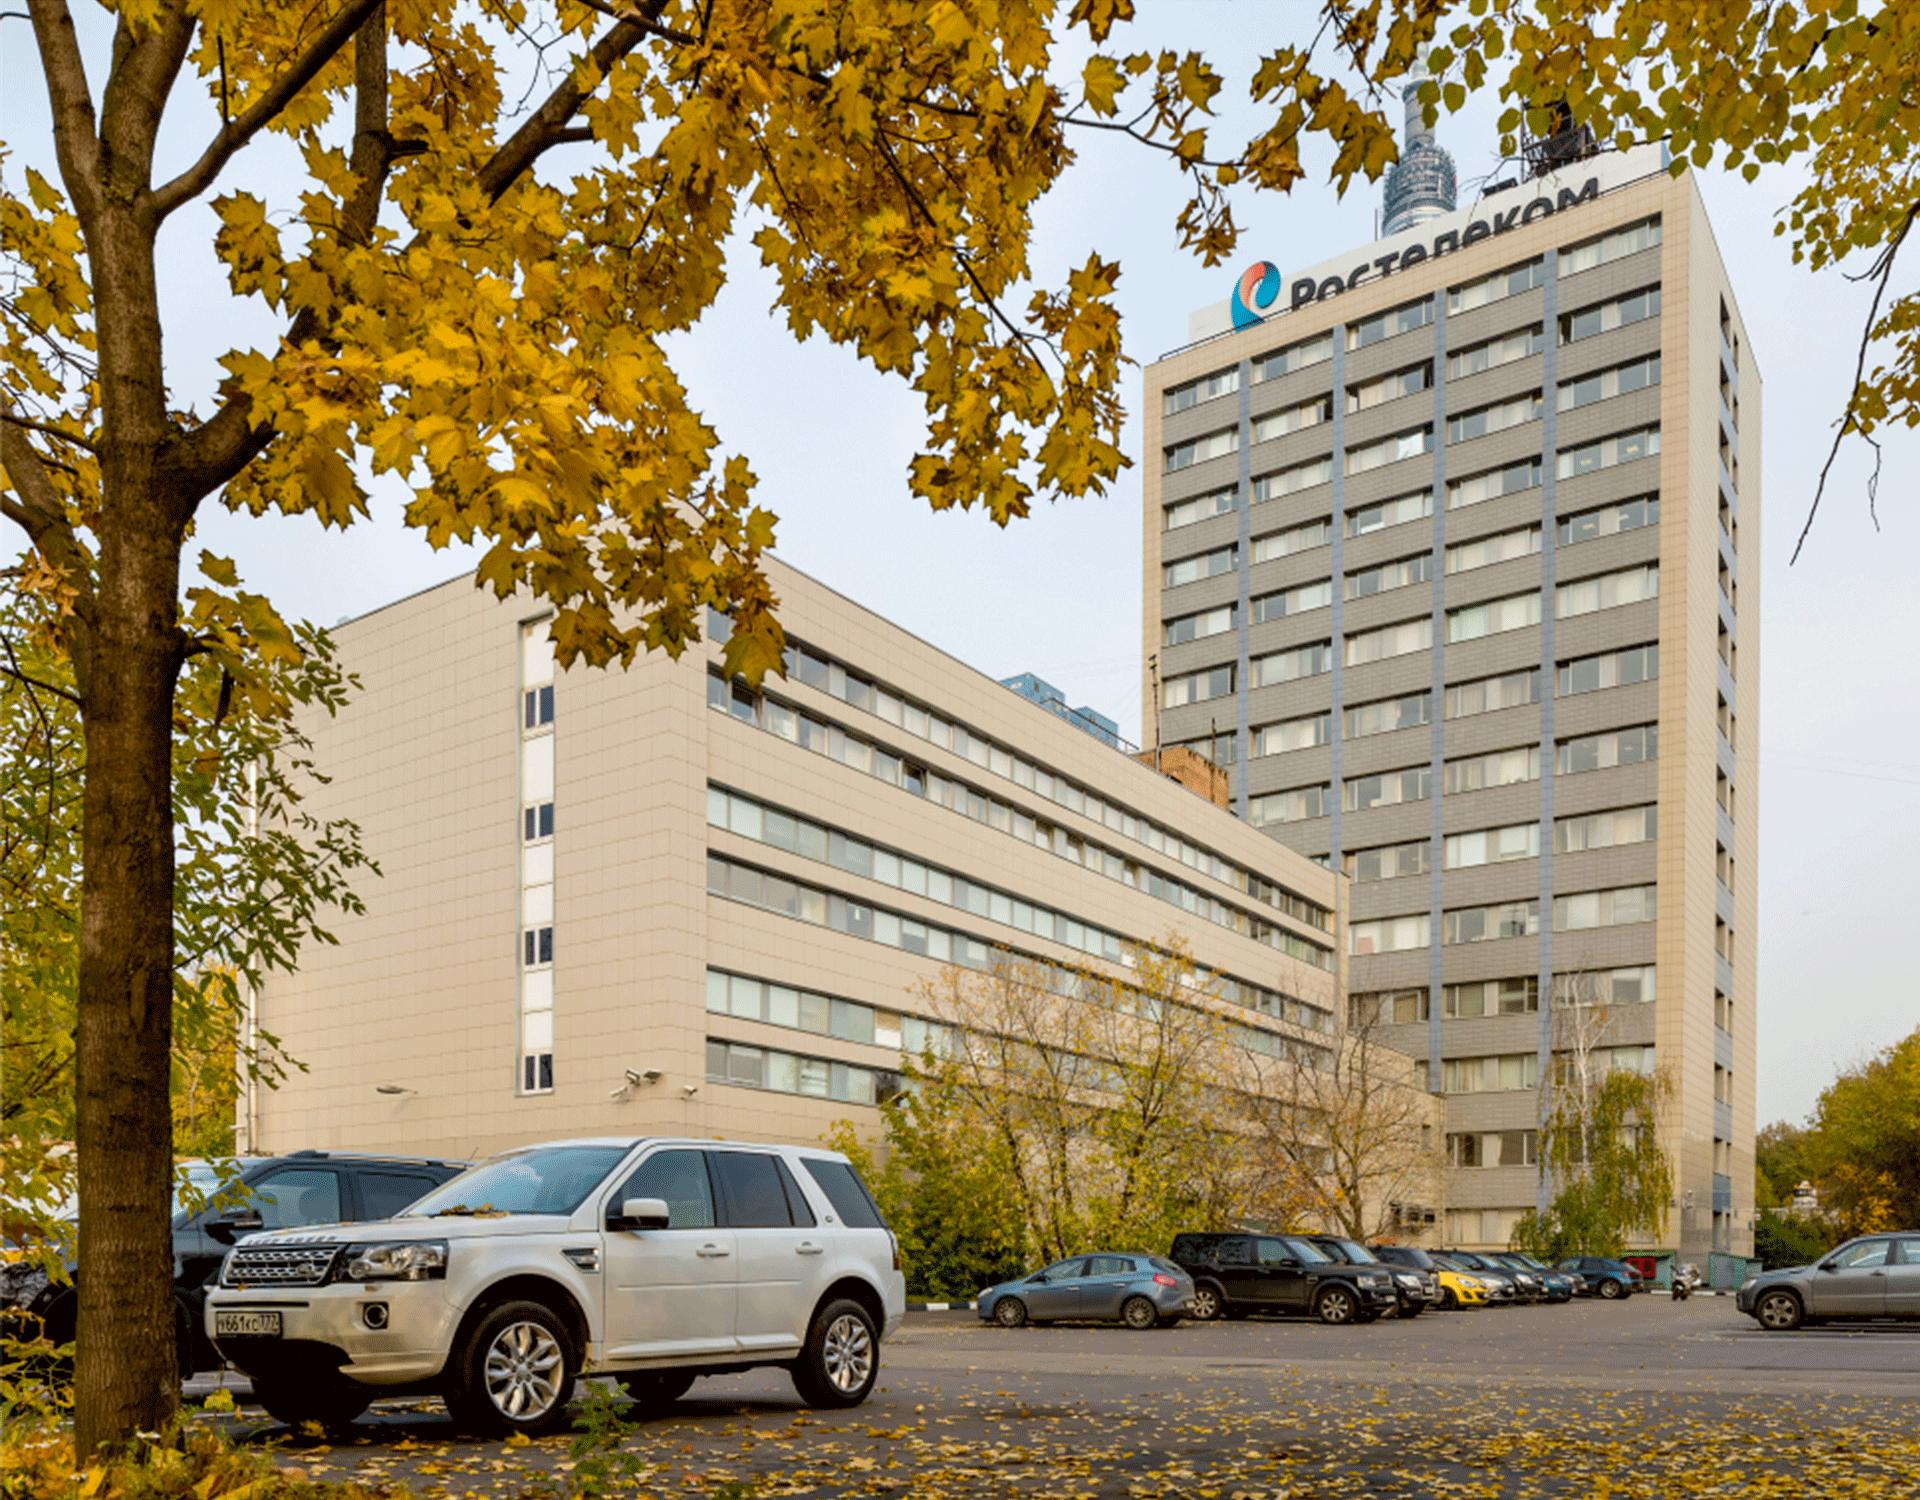 """Οργανισμός Τηλεπικοινωνιών Ρωσίας ОАО """"Rostelecom"""", Οδός Dubovoj Roshi"""